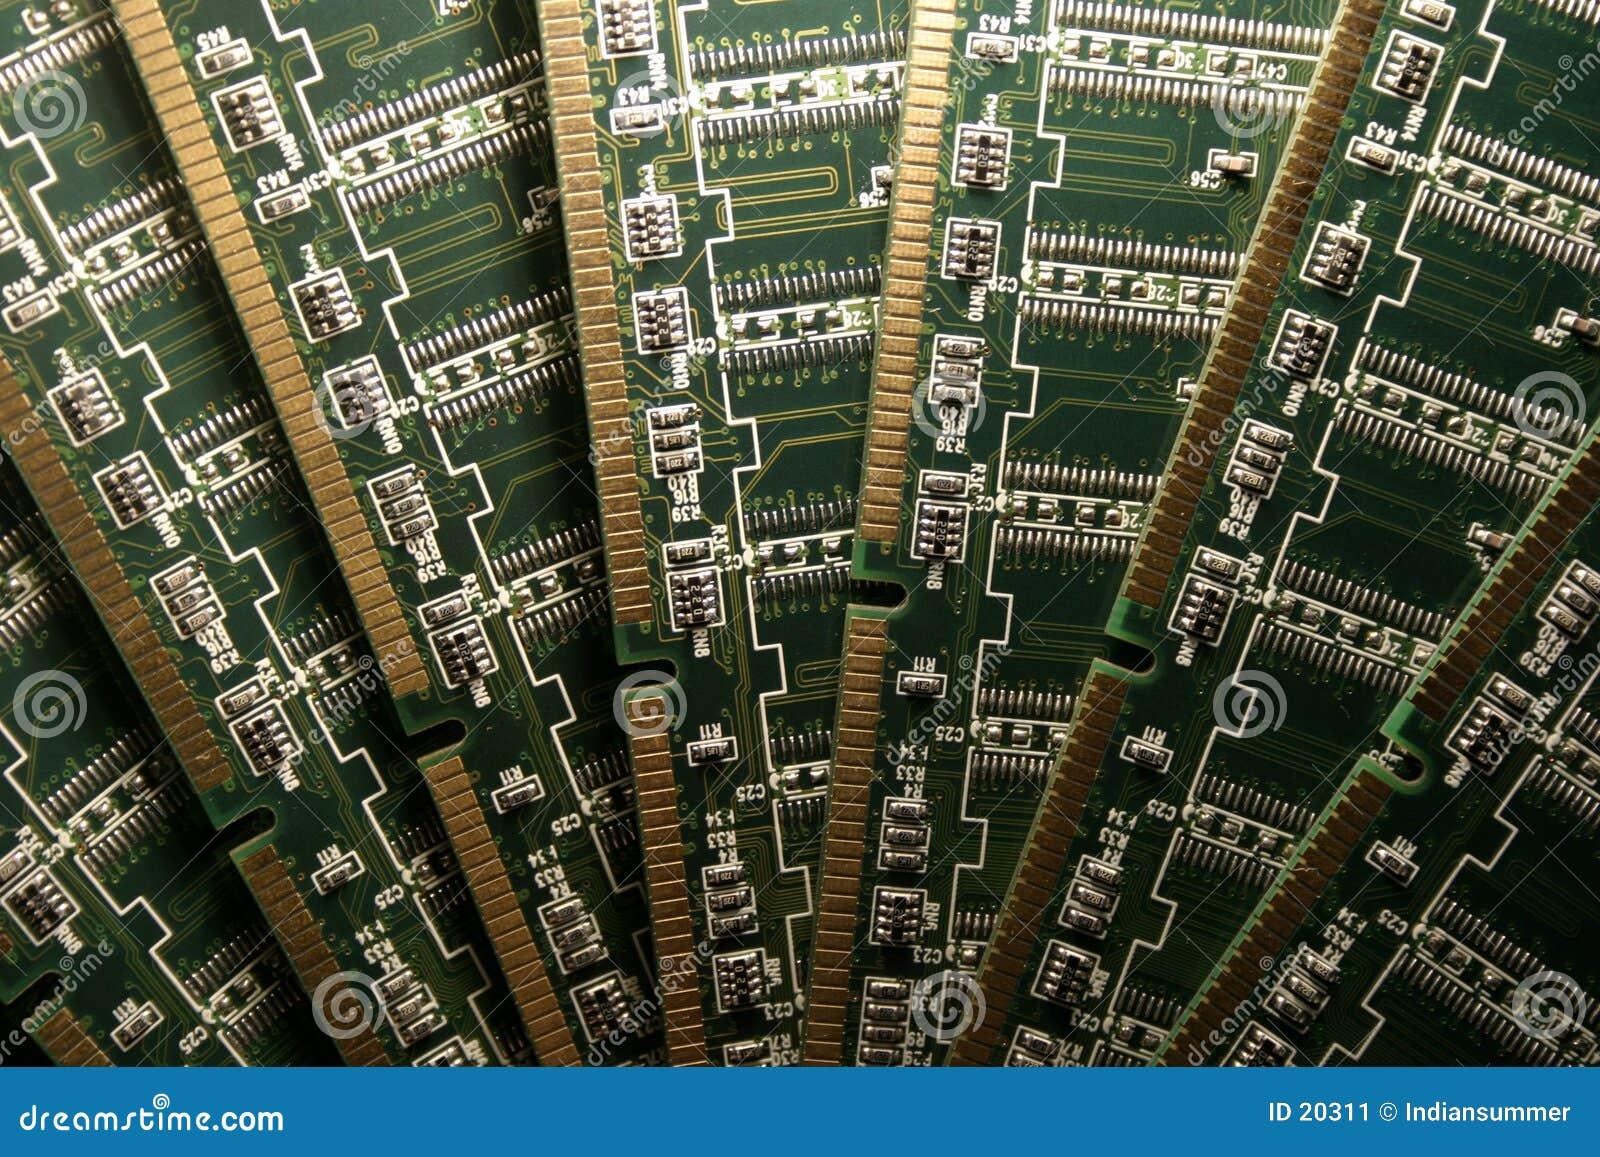 Modules de mémorisation par ordinateur V